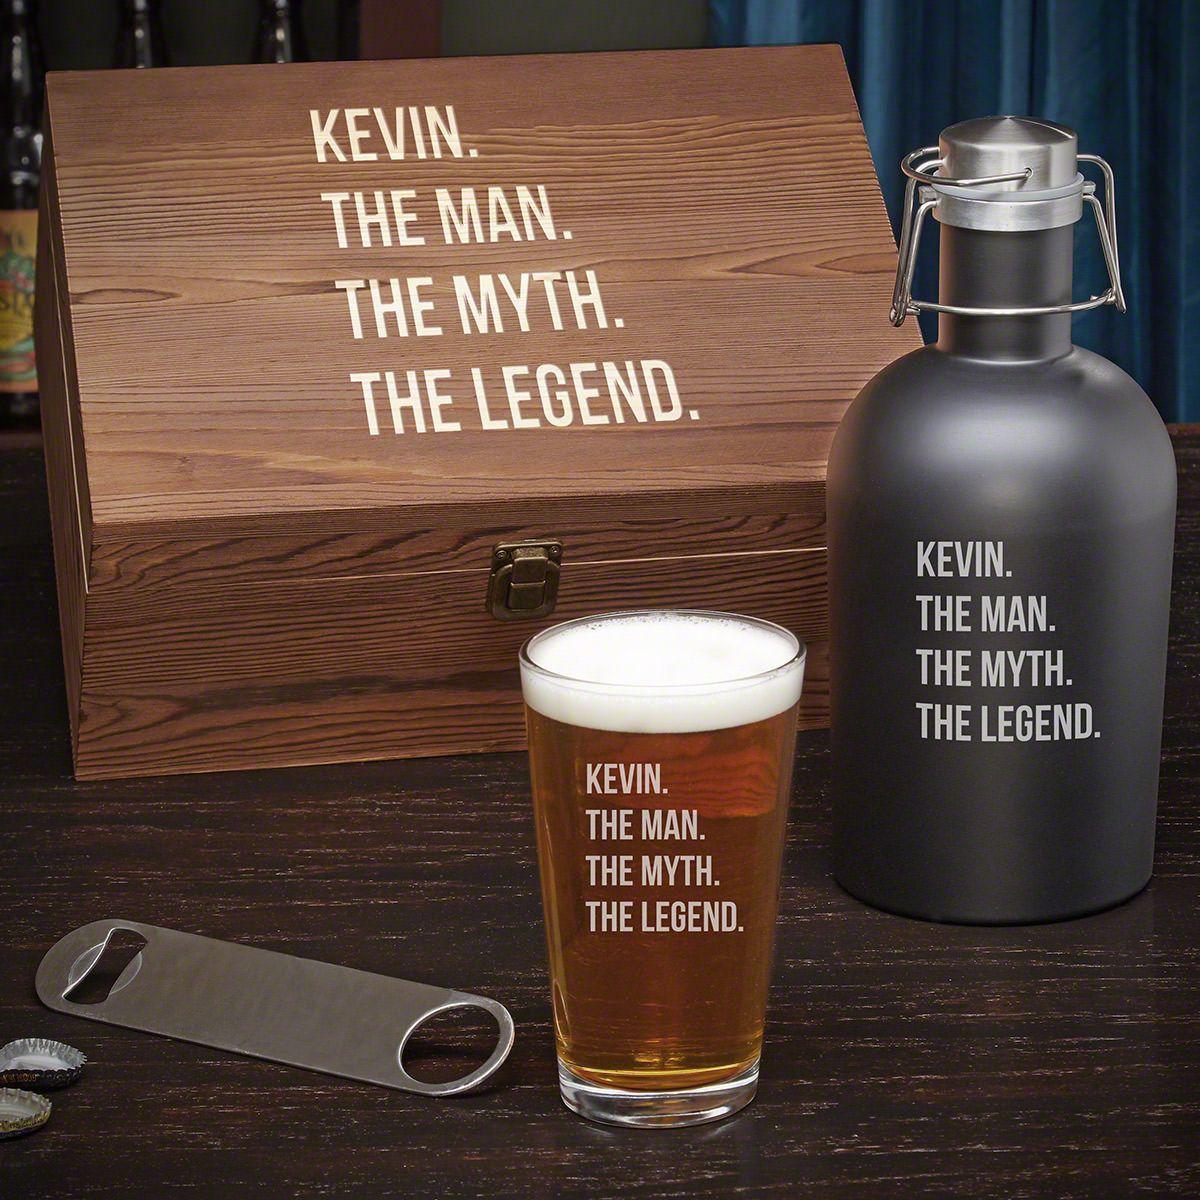 Man Myth Legend Personalized Beer Growler Gift Set for Men